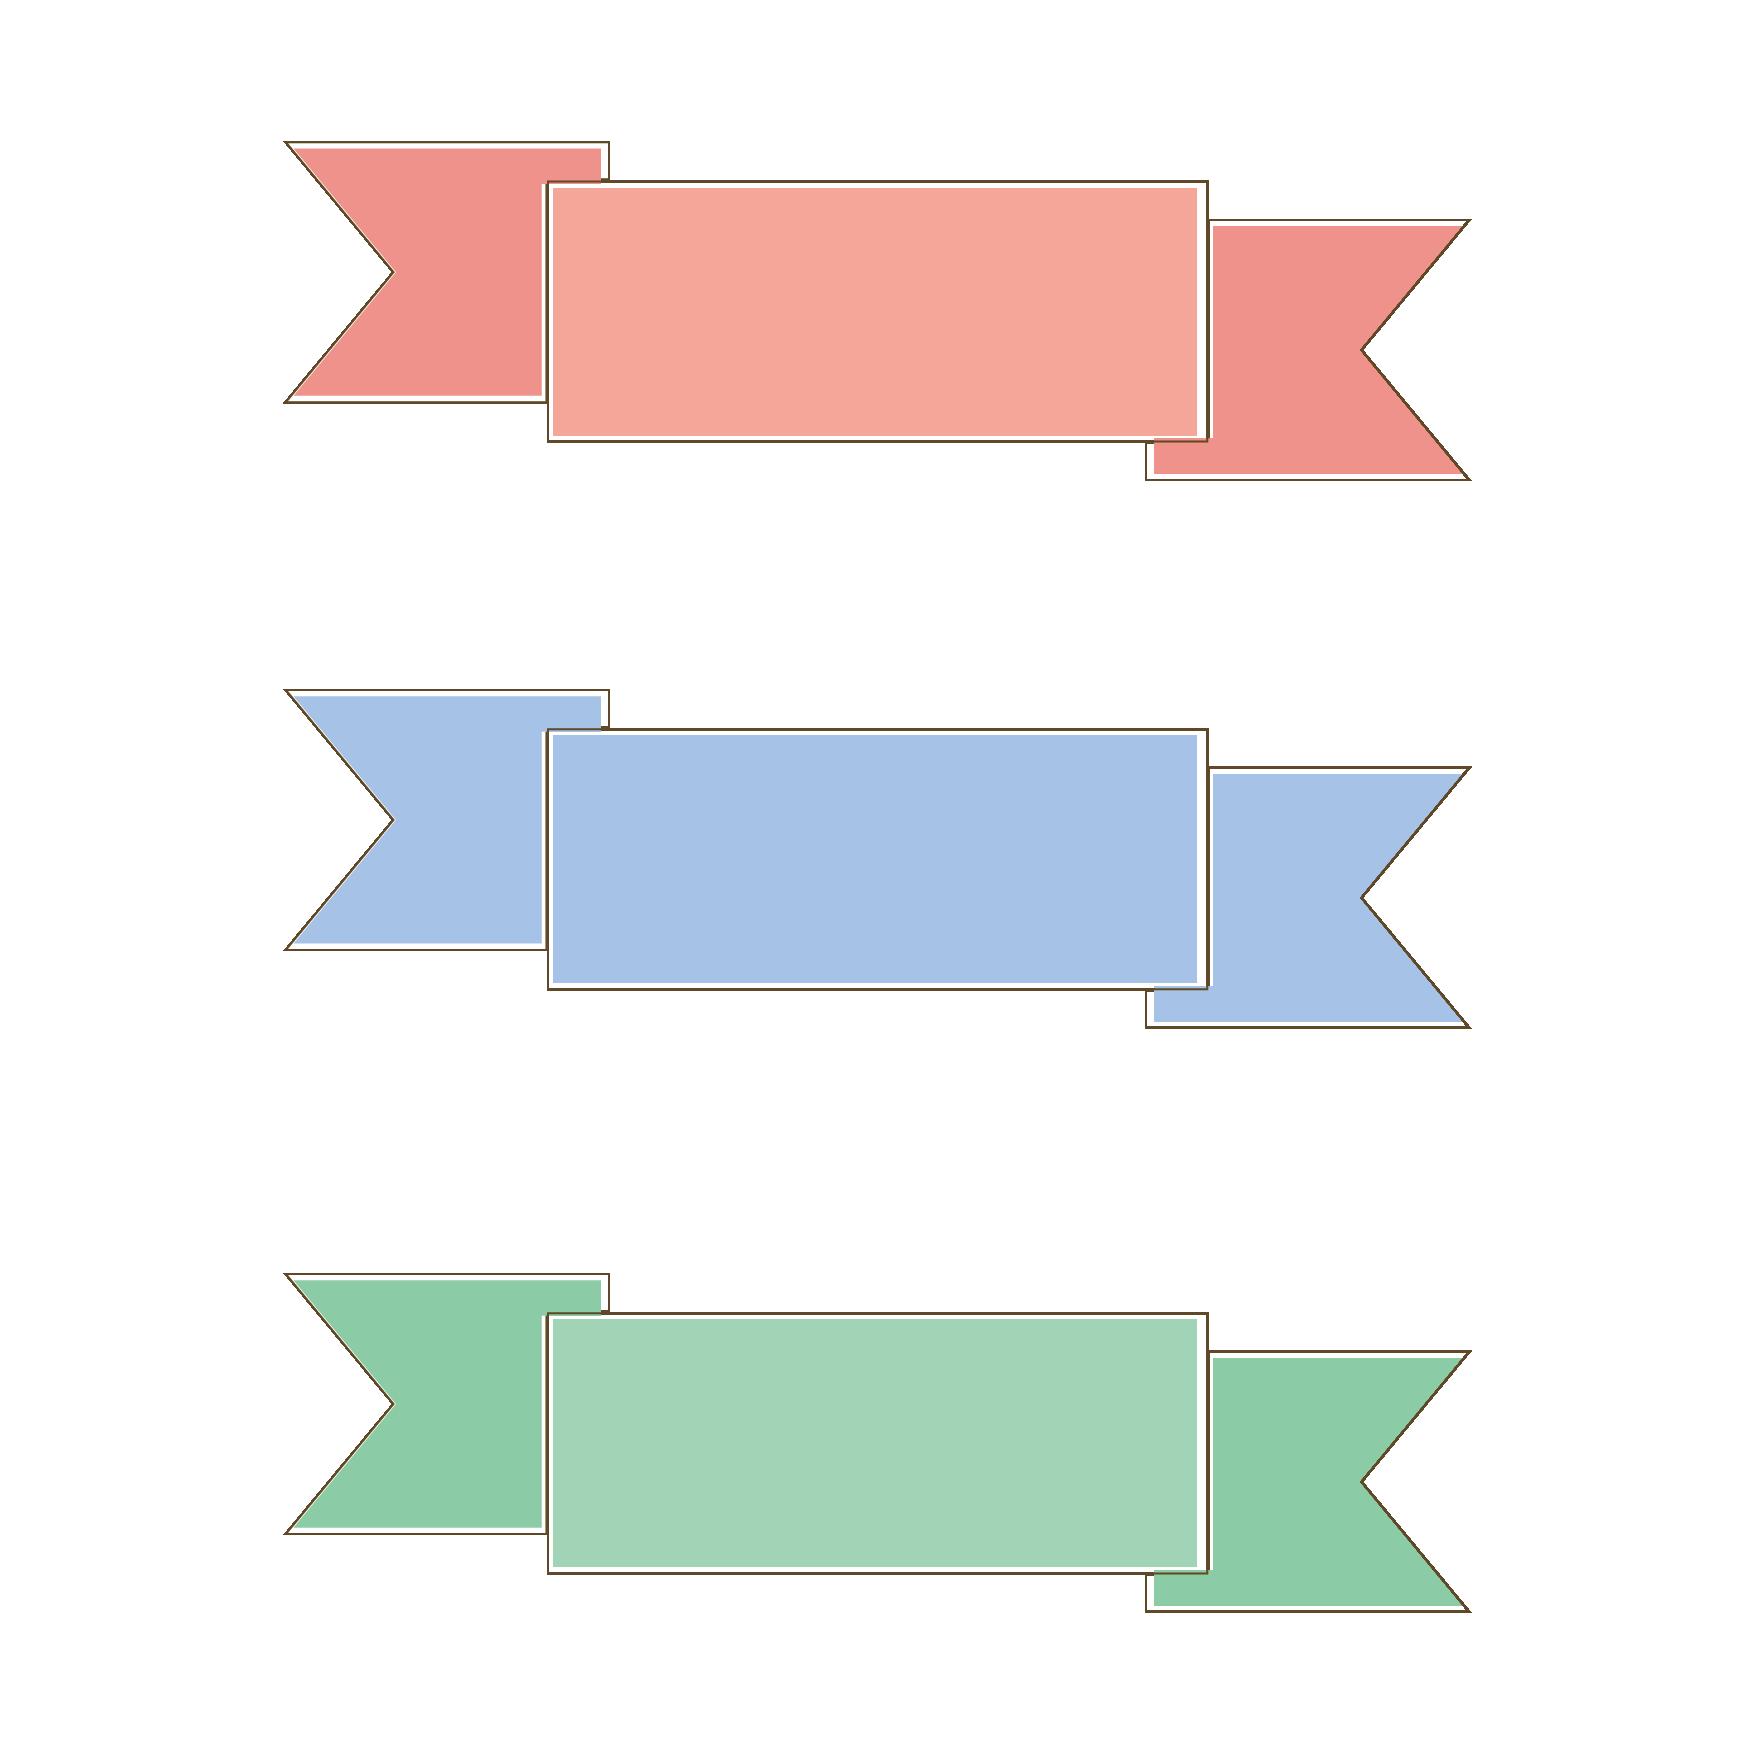 かわいい♪ネームフレーム(赤、青、緑)のデザインイラスト | 商用